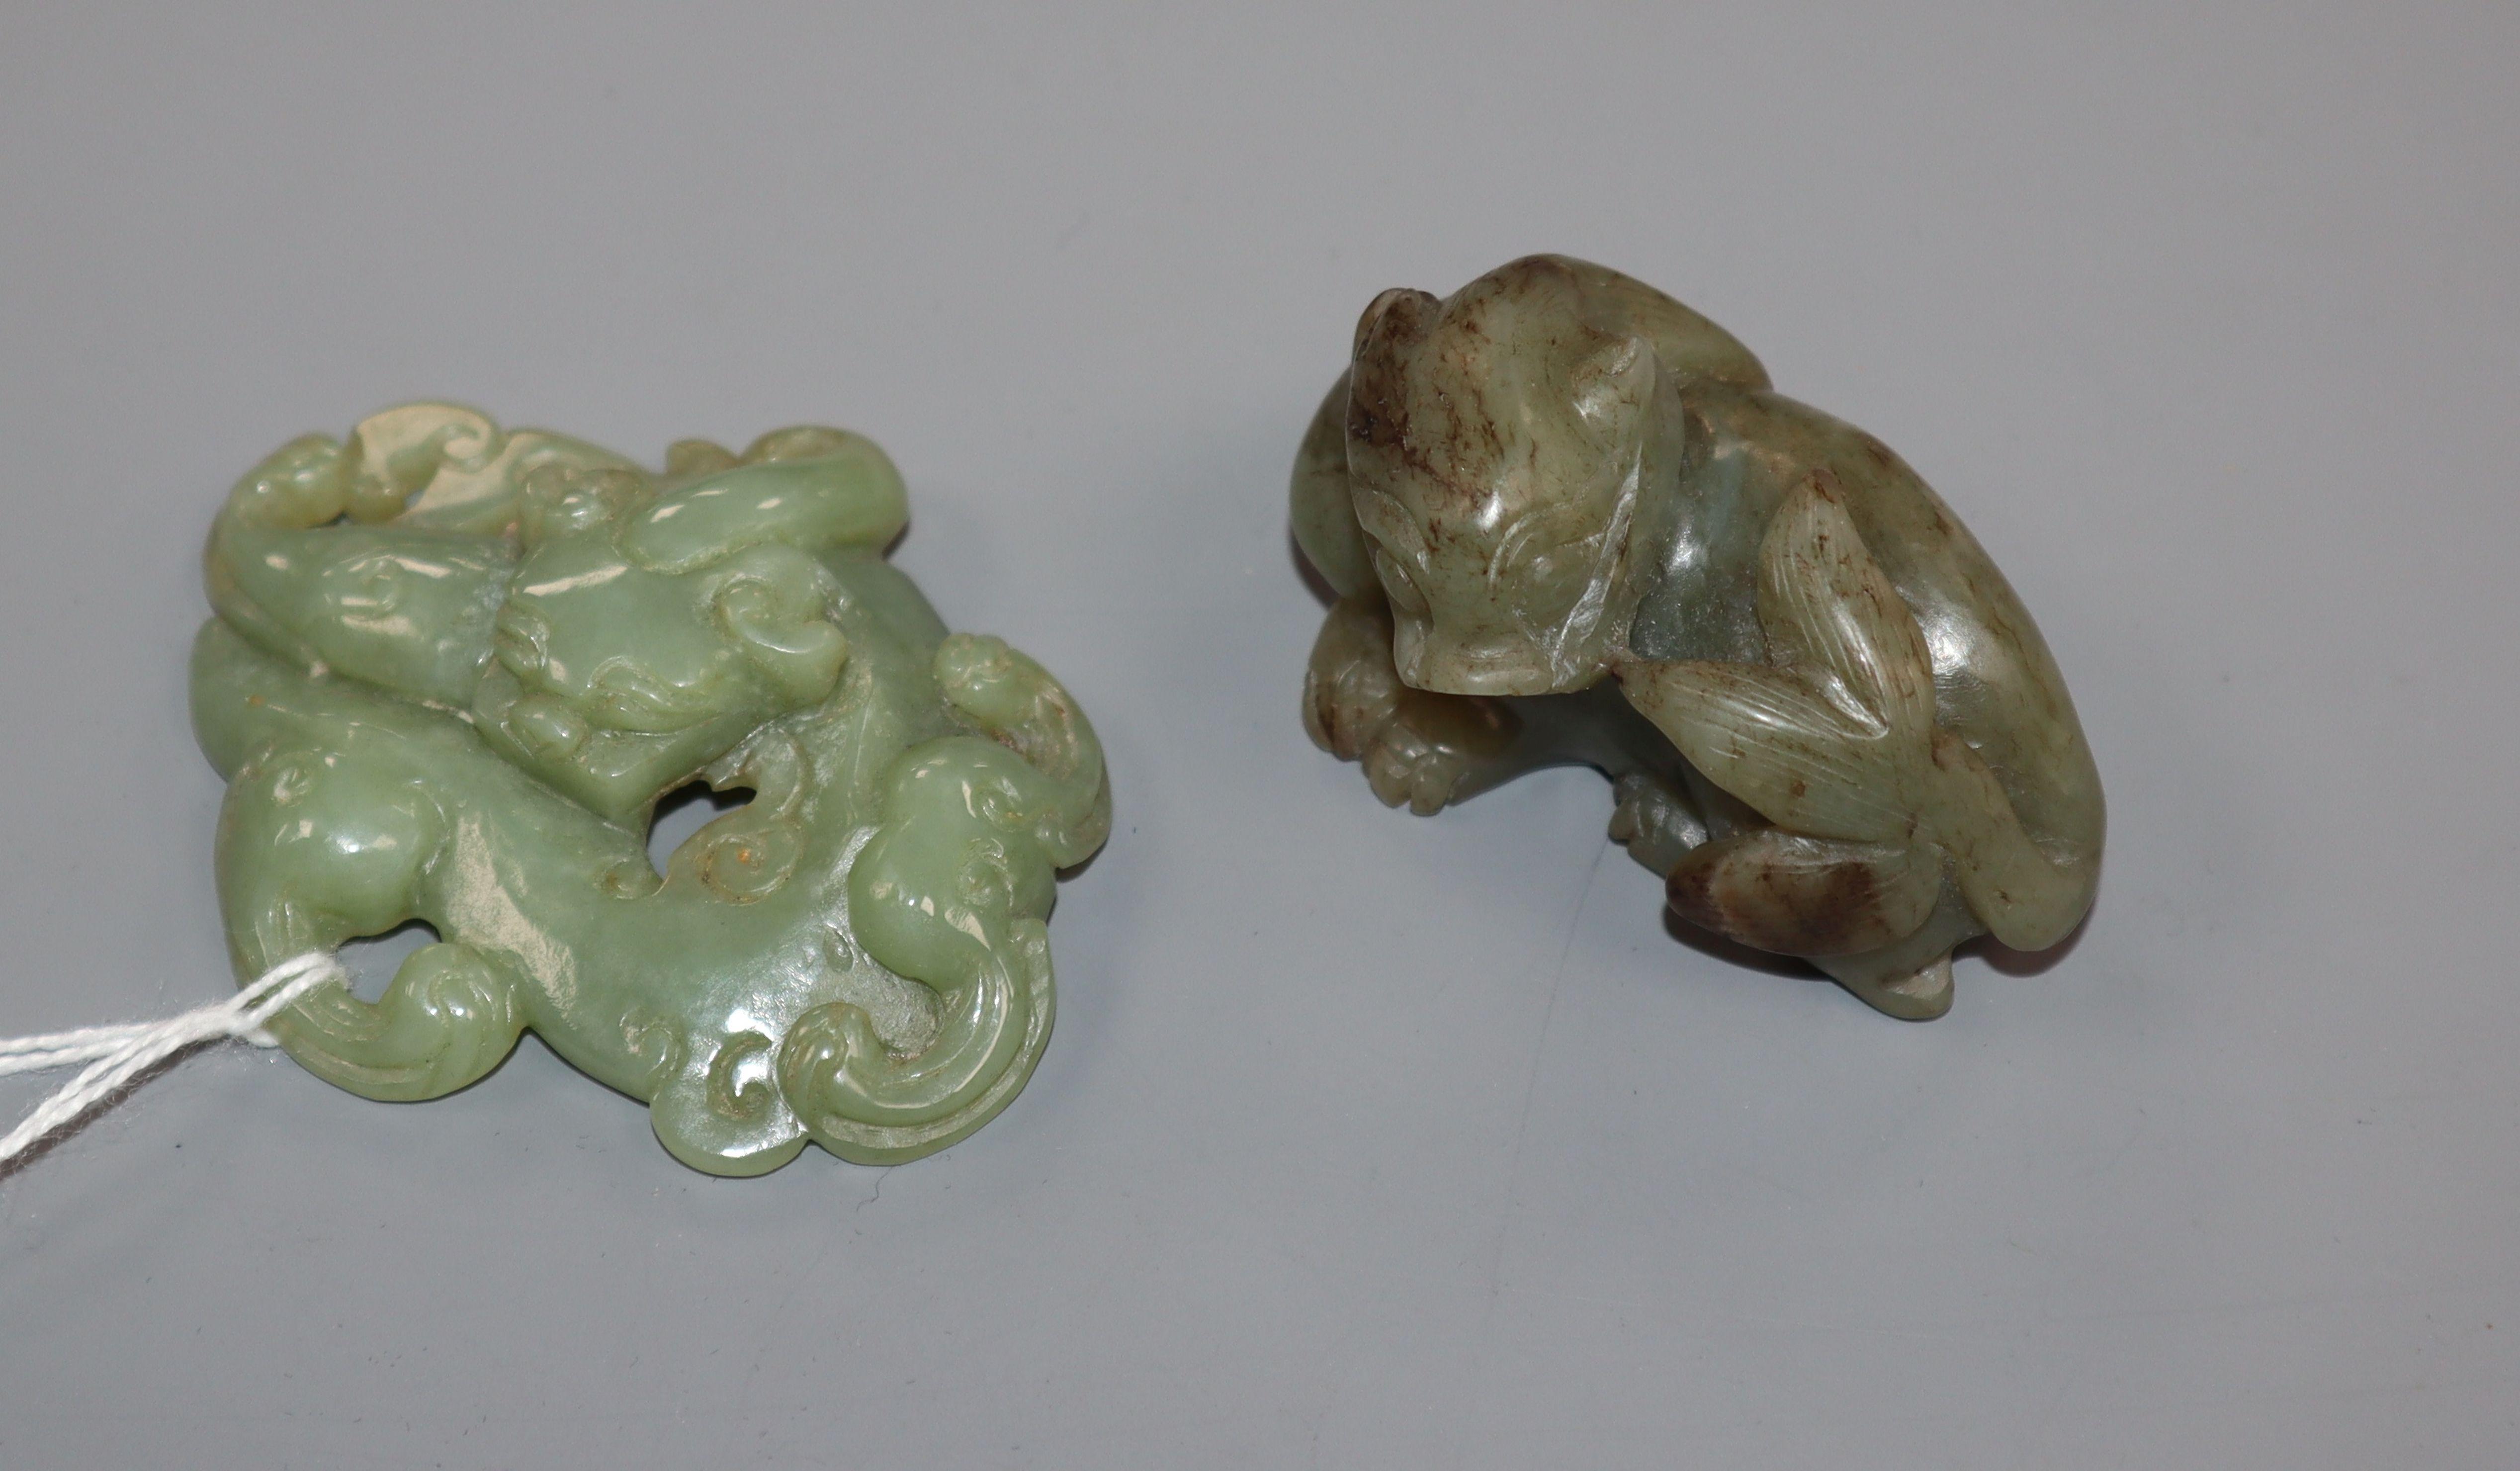 Lot 299 - A Chinese celadon jade bixi plaque and a similar jade figure